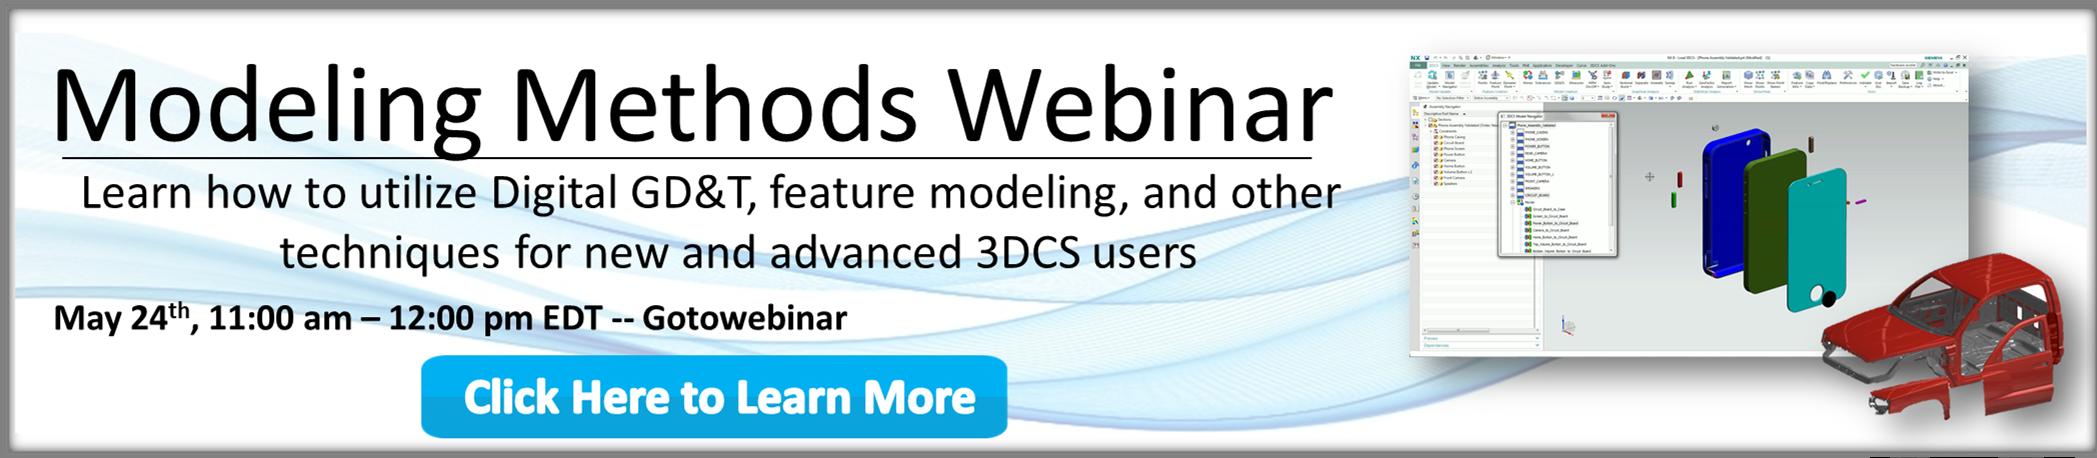 Modeling Methods Webinar